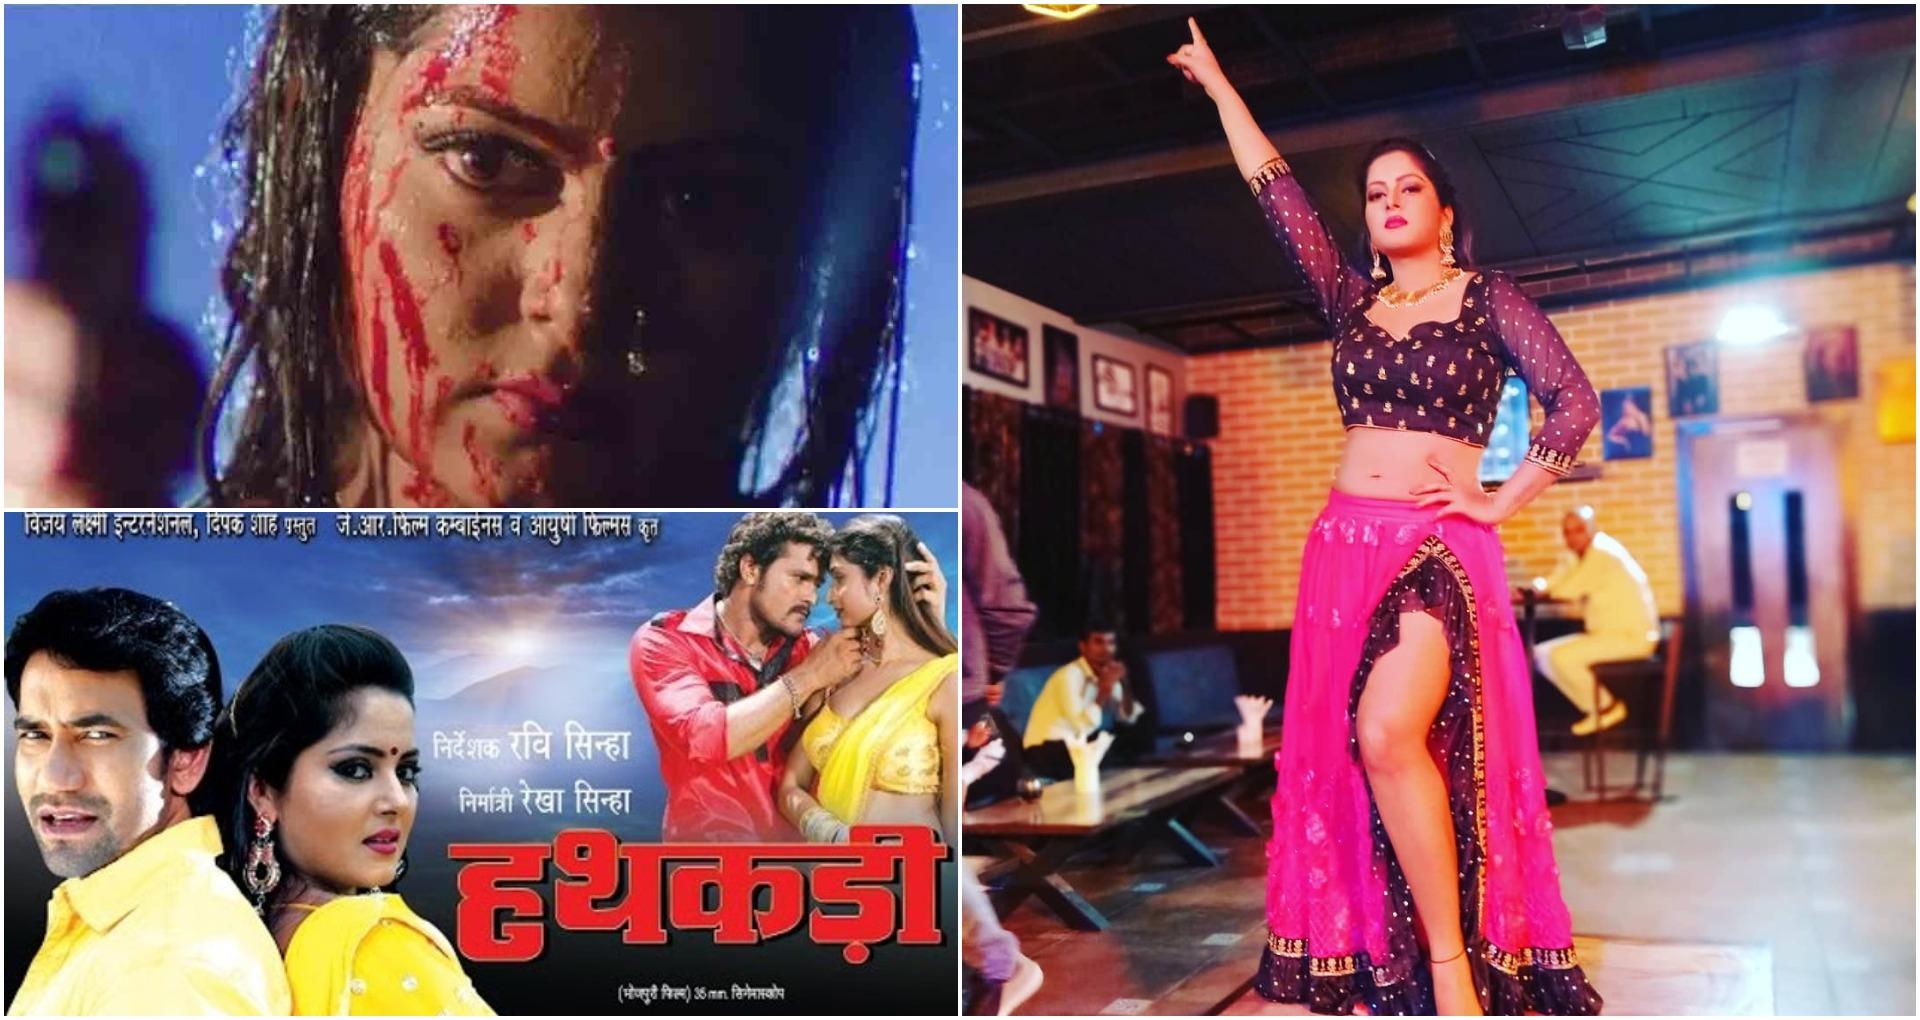 एक्सक्लूसिव: अंजना सिंह ने पूरी की शक्ति औरहथकड़ी 2 की शूटिंग, इस अभिनेता ने ली निरहुआ-खेसारी की जगह